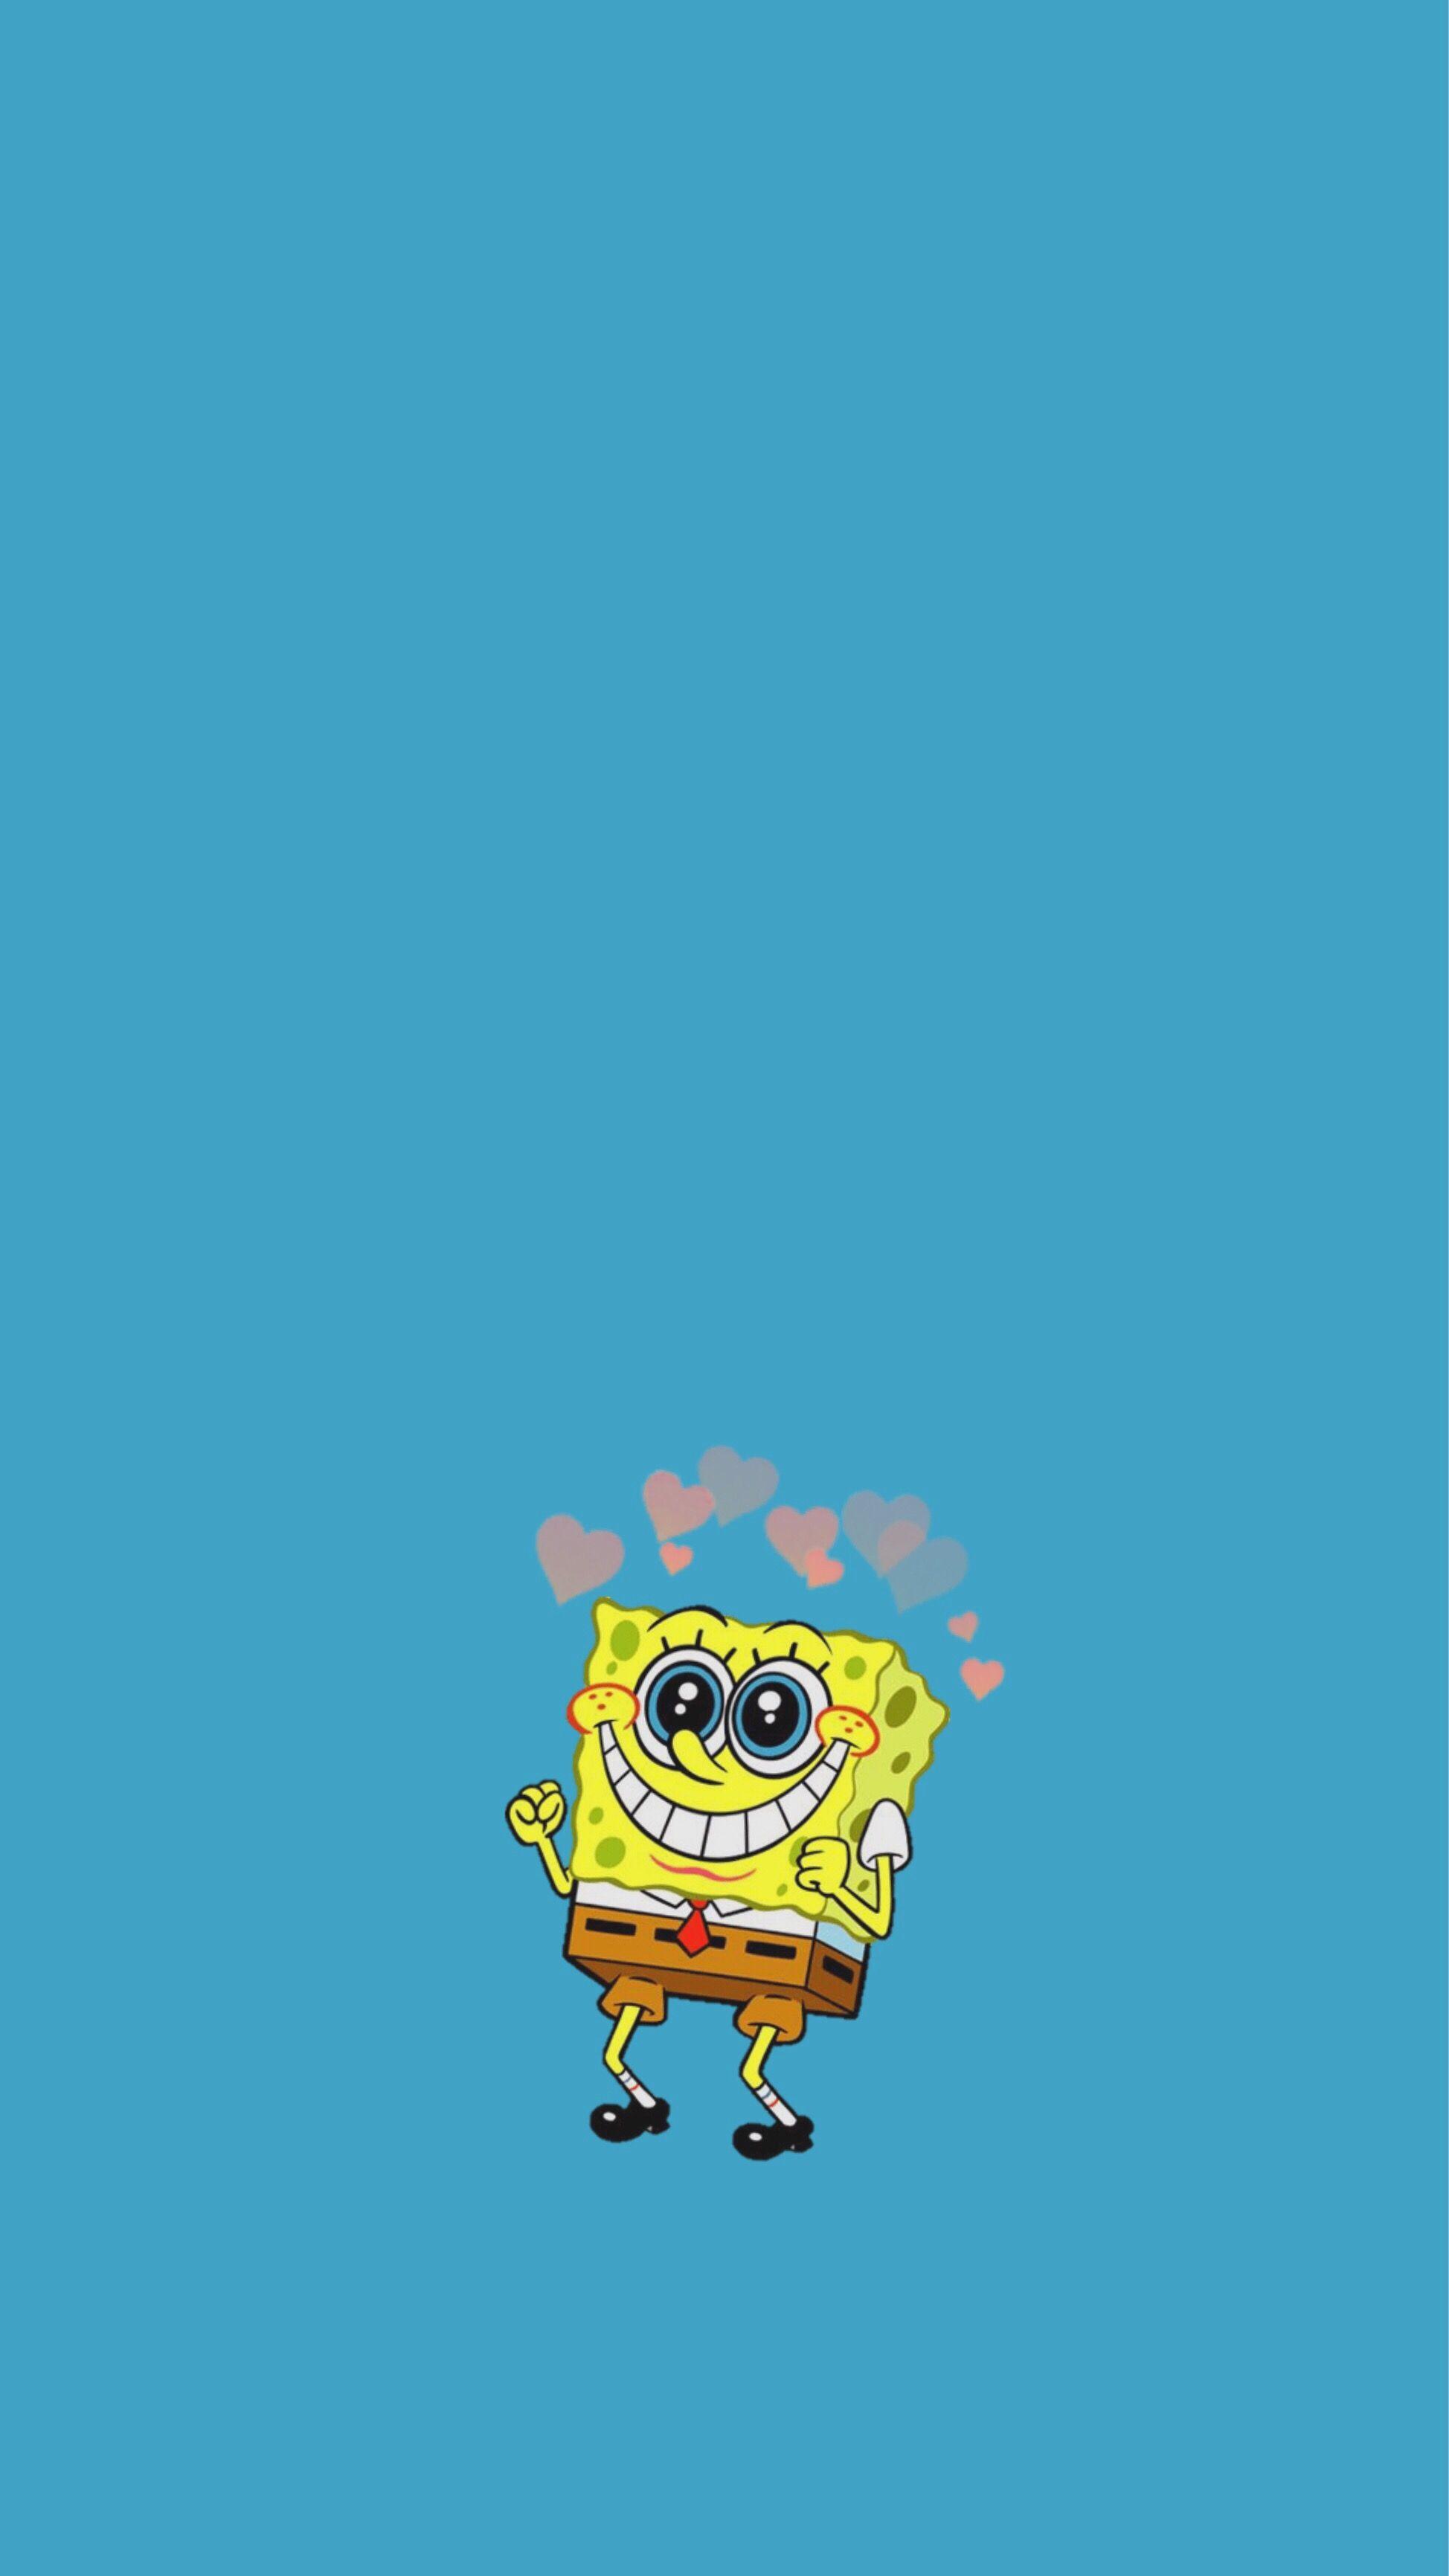 Spongebob Squarepants Aesthetic Wallpaper